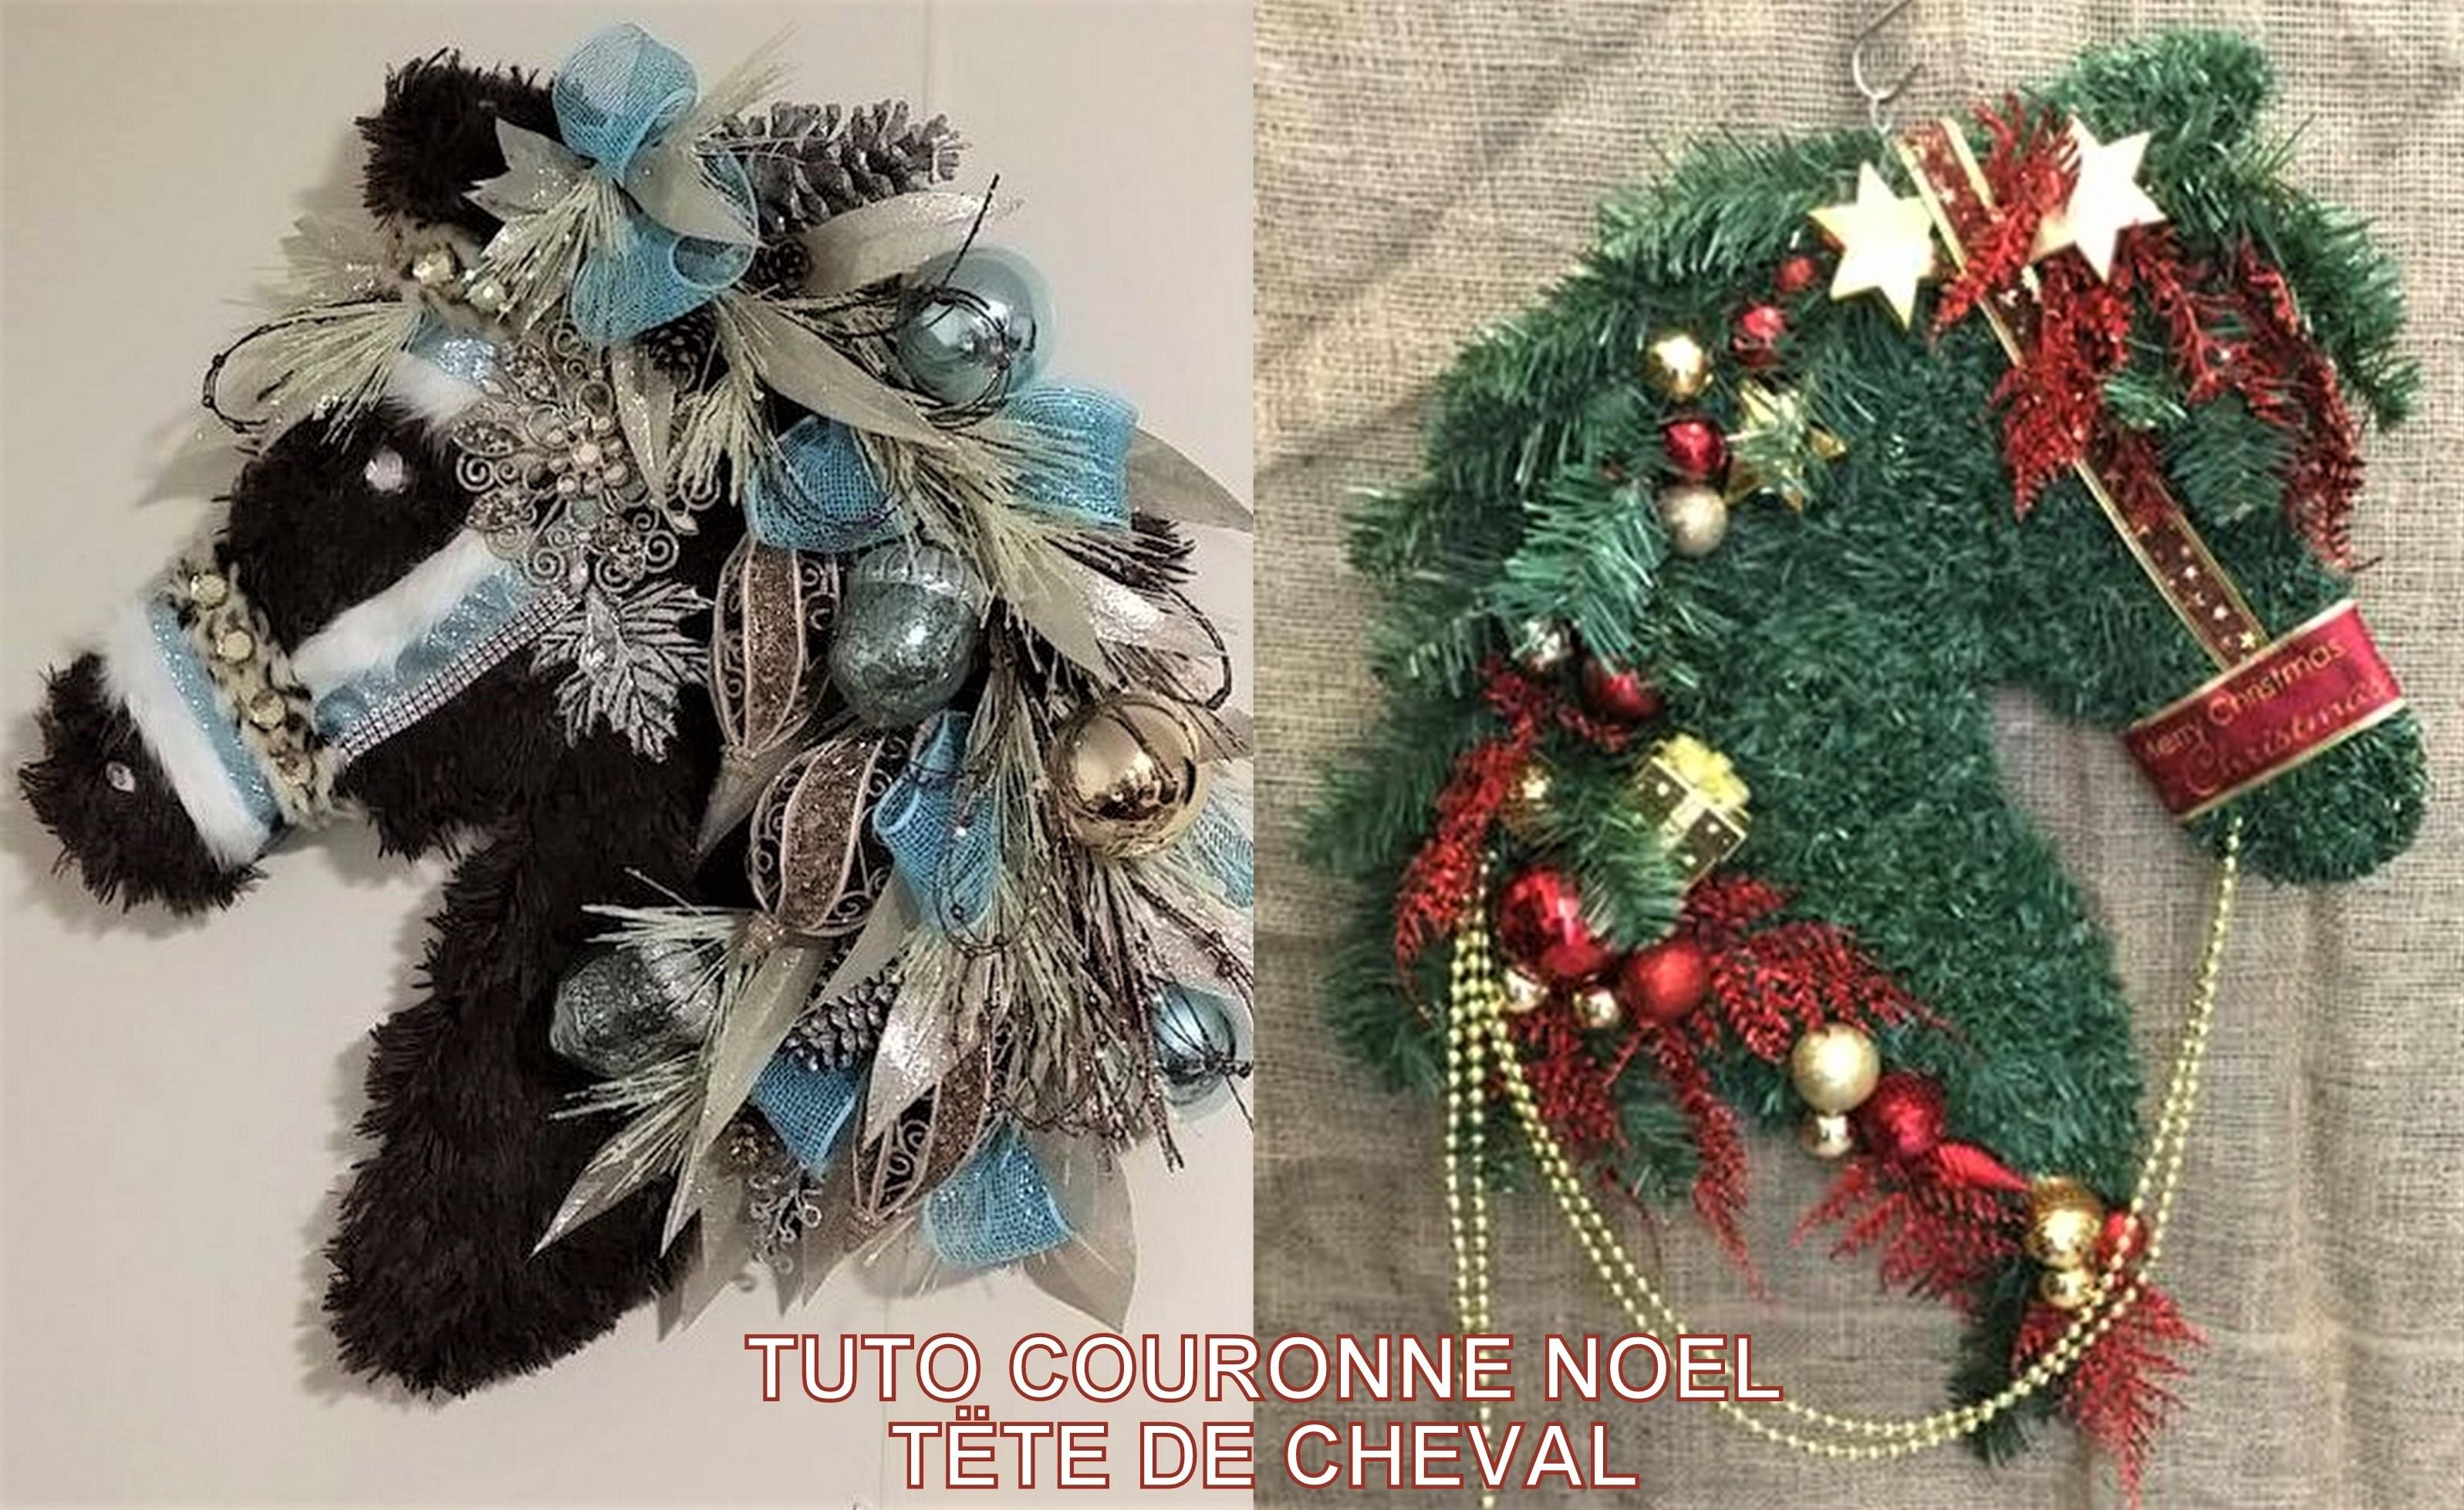 Couronne De Porte Noel Design tuto couronne noël tête de cheval